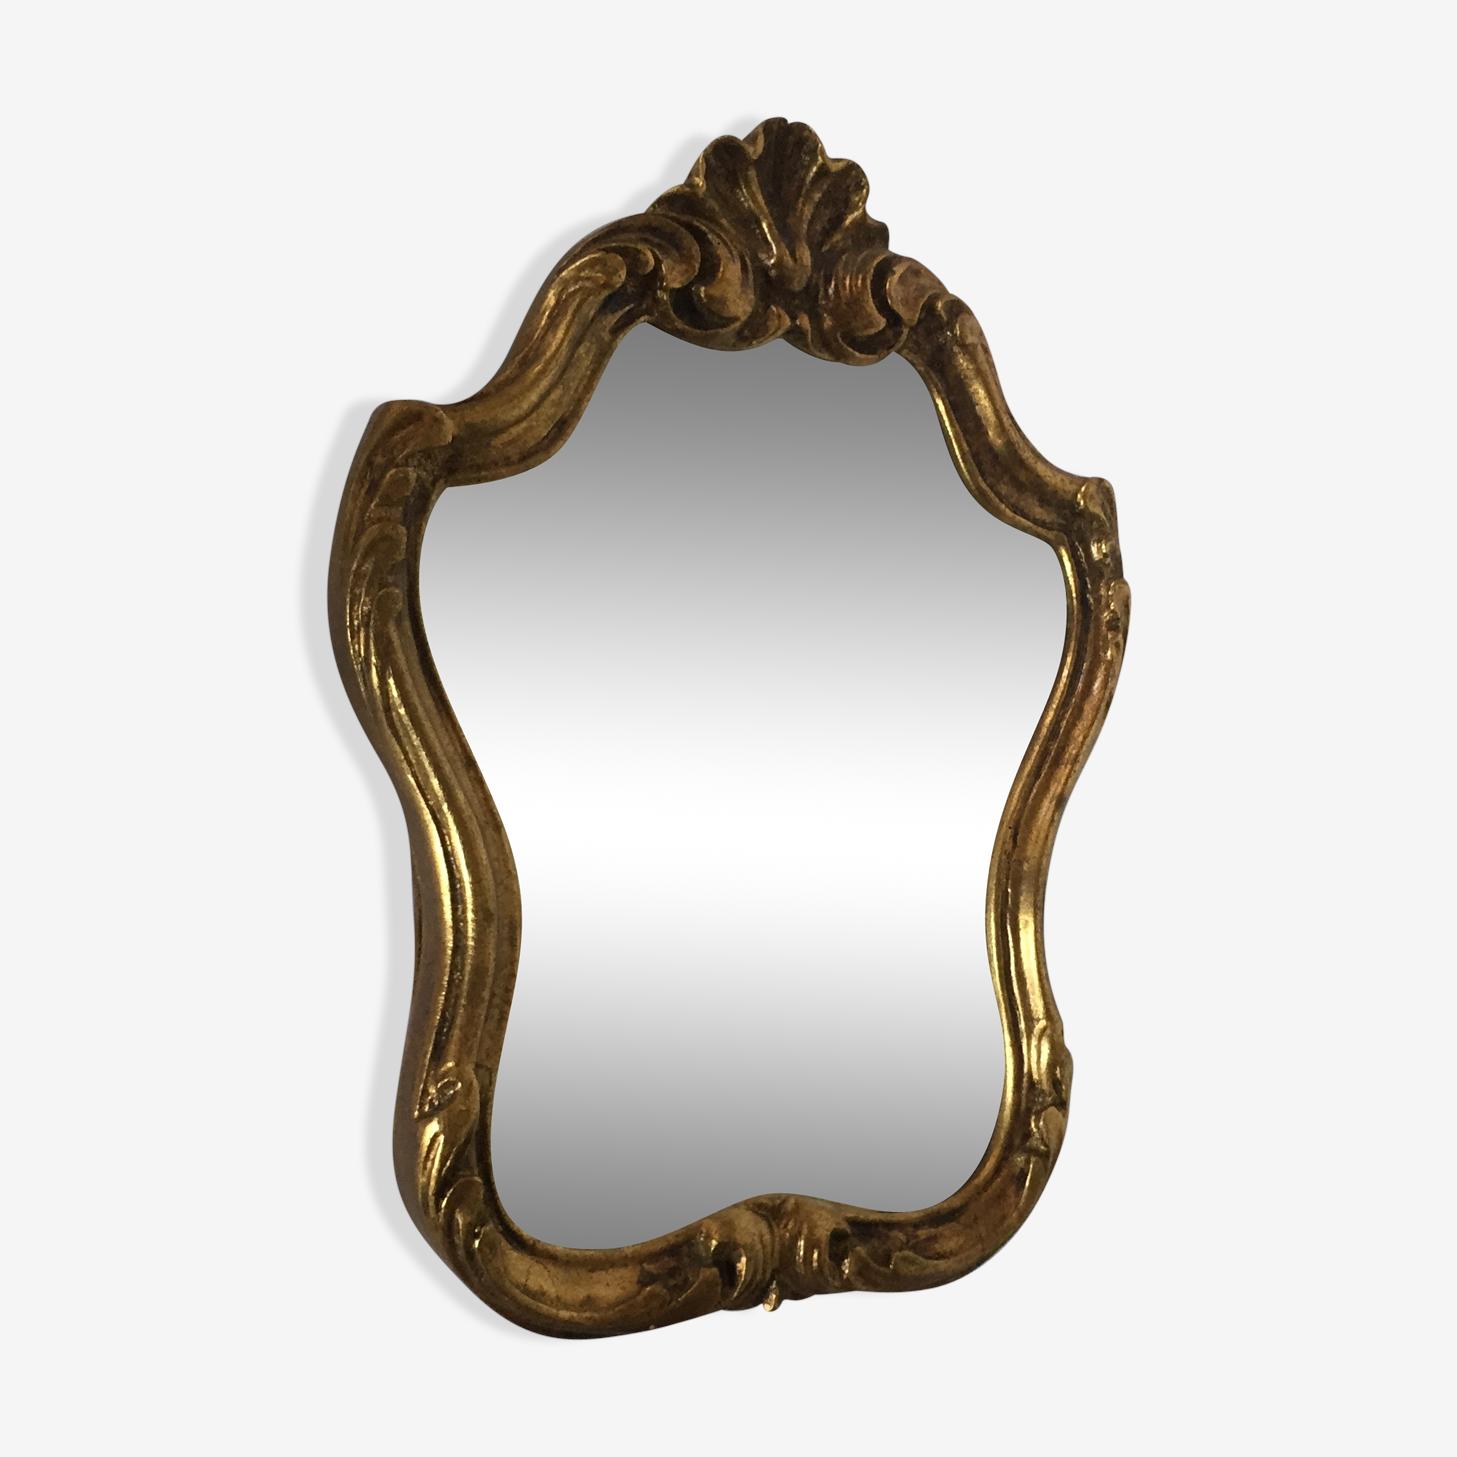 Miroir en bois doré 28 x 20 cm